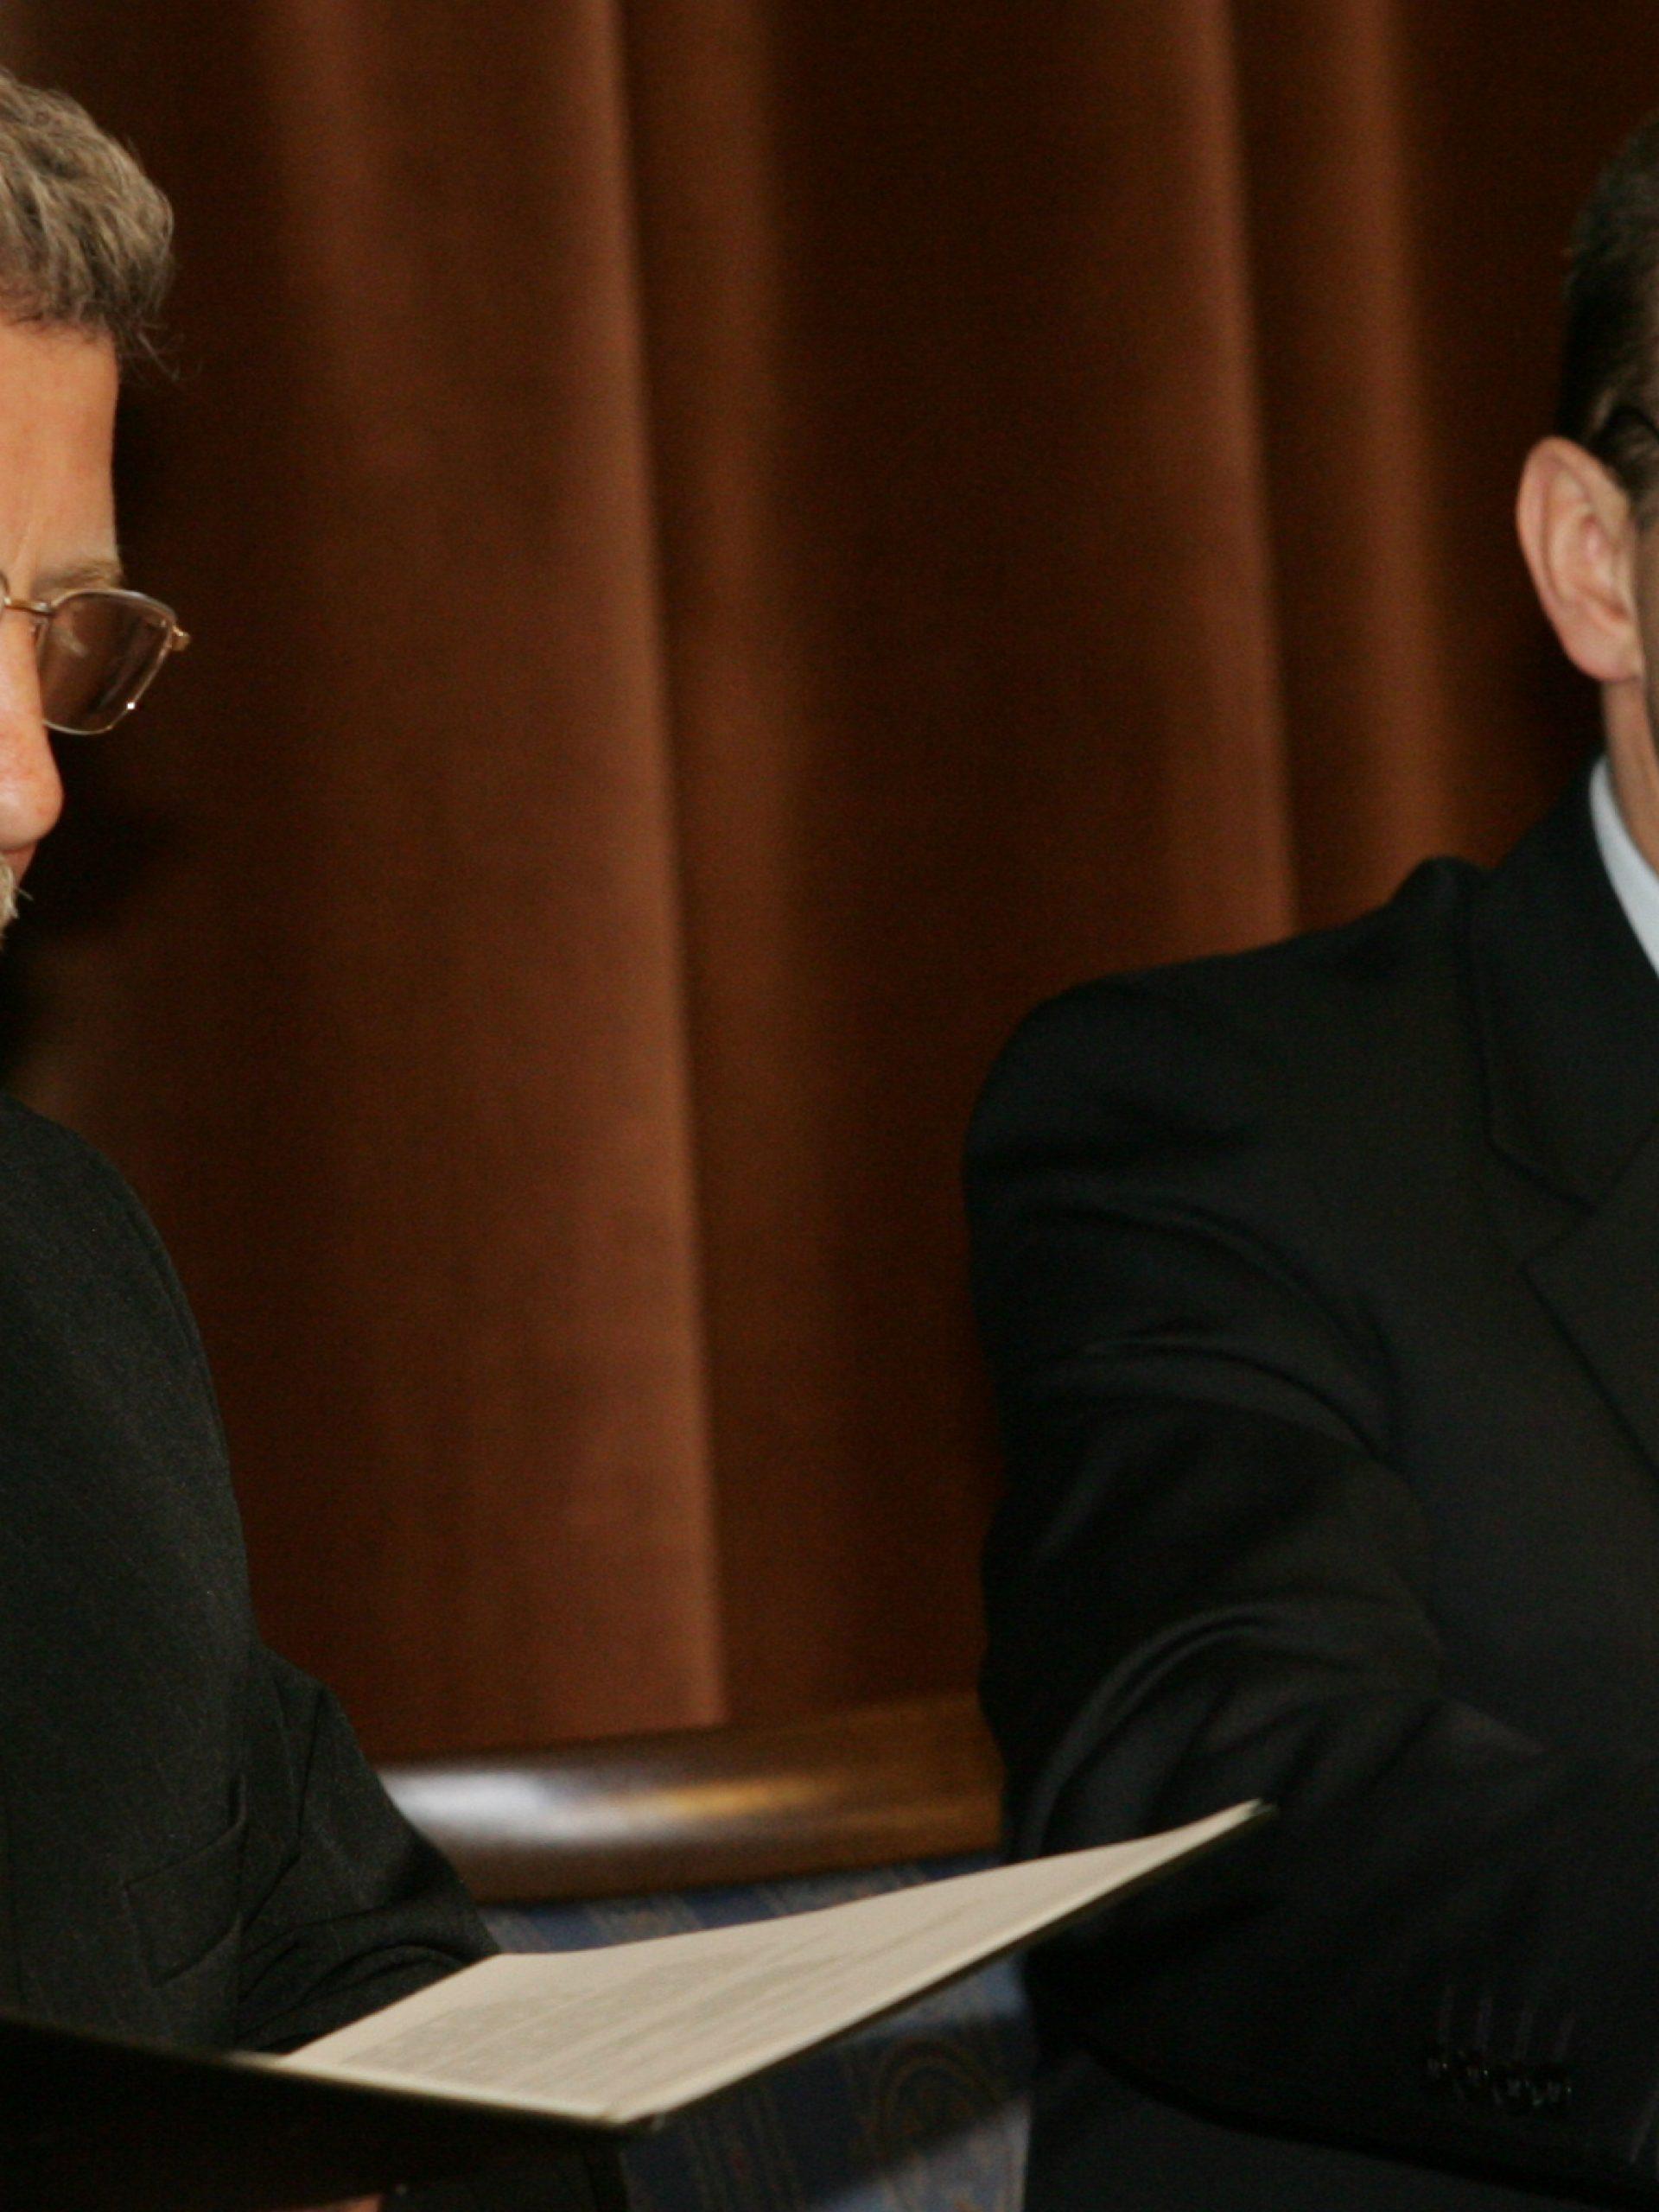 """Podpisanie """"Listu Intencyjnego"""" Programu - ówczesny Premier RP Kazimierz Marcinkiewicz oraz ówczesny kandydat opozycji na Prezydenta Białorusi Aleksander Milinkiewicz, 30 marca 2006 r."""